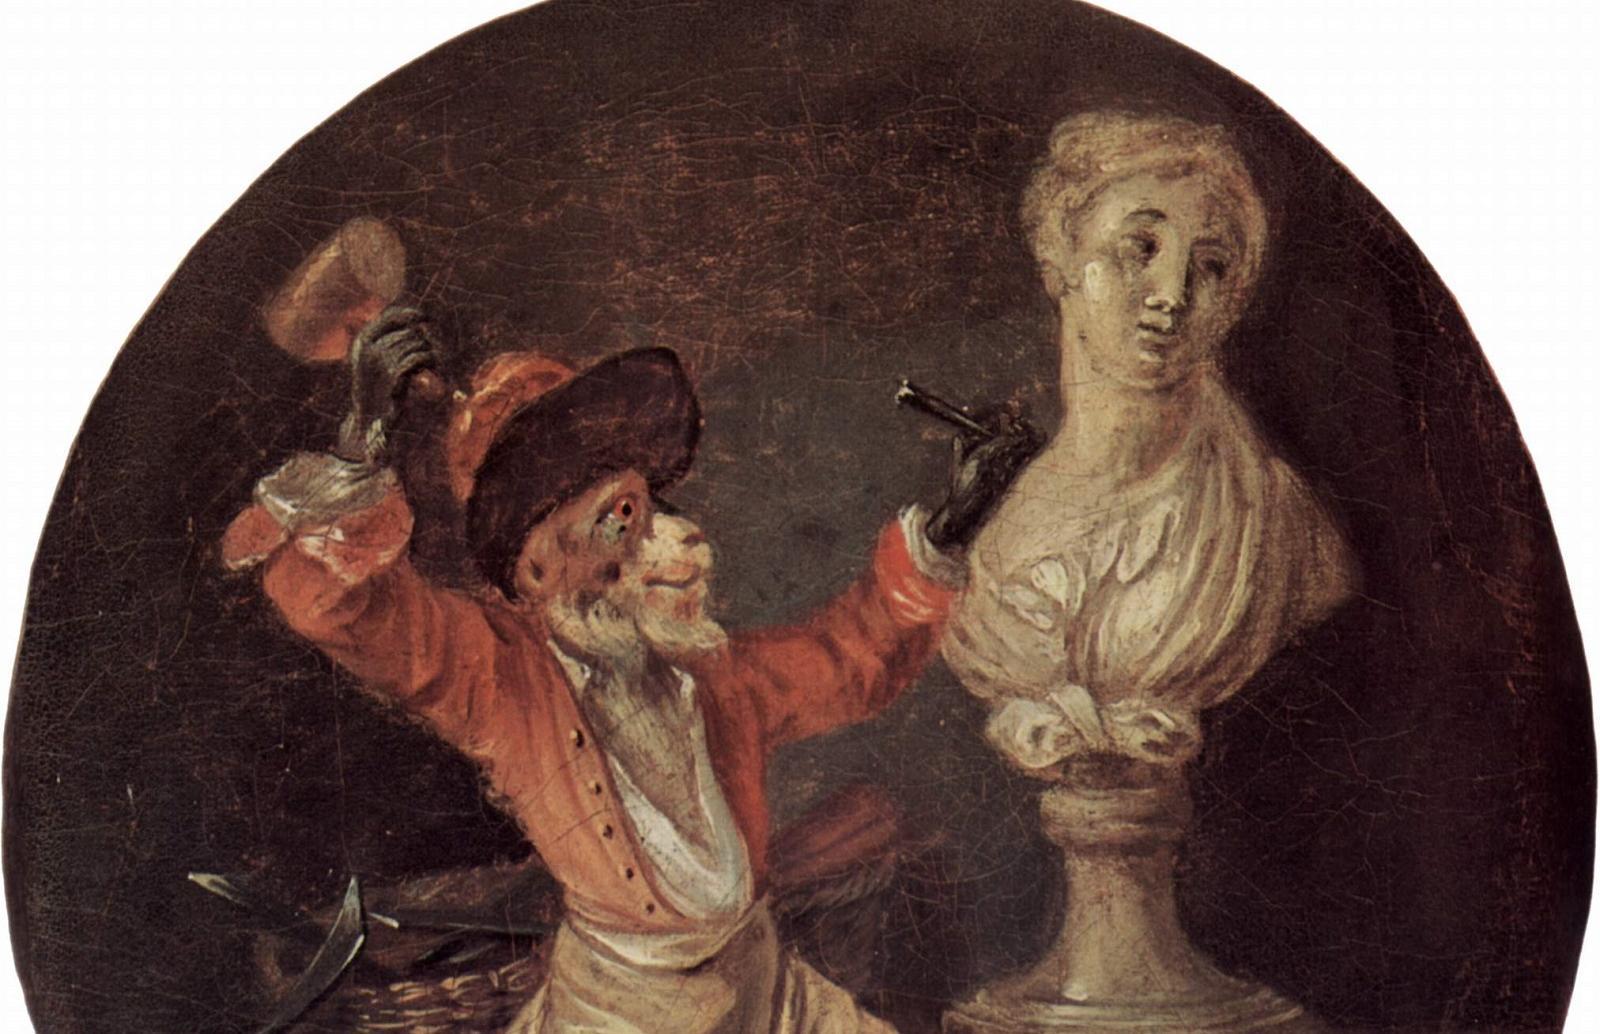 Антуан Ватто. Обезьянья копия скульптора, ок. 1710.